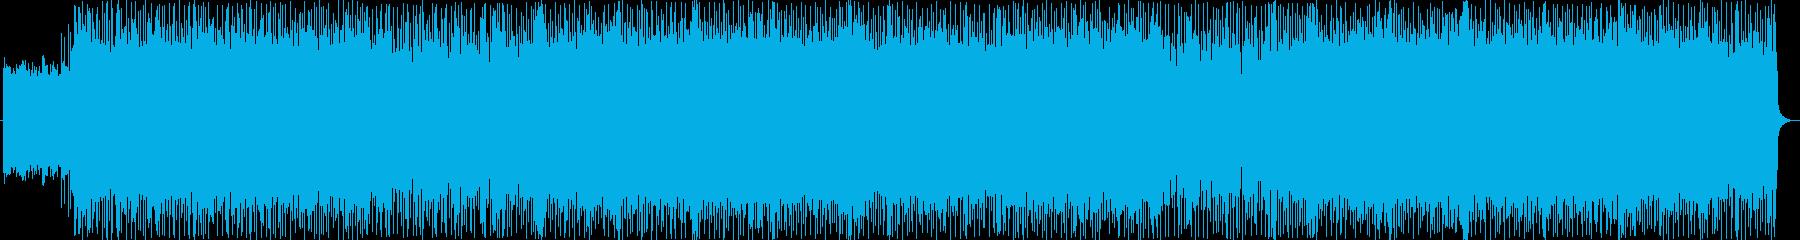 ゴシックな雰囲気のハードロックサウンドの再生済みの波形